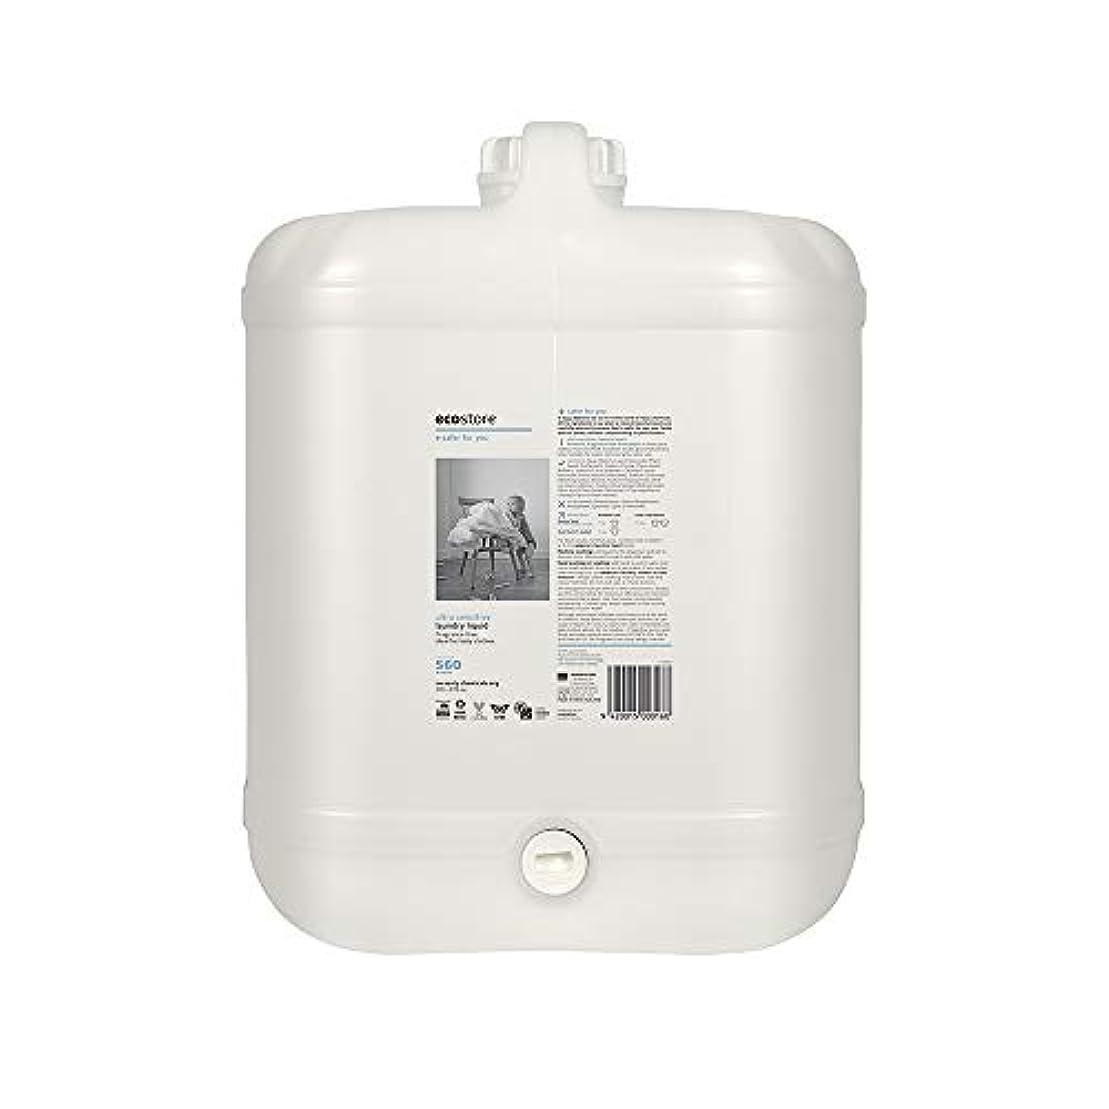 会計うまくいけば睡眠ecostore(エコストア) ランドリーリキッド <無香料> バルク 20L